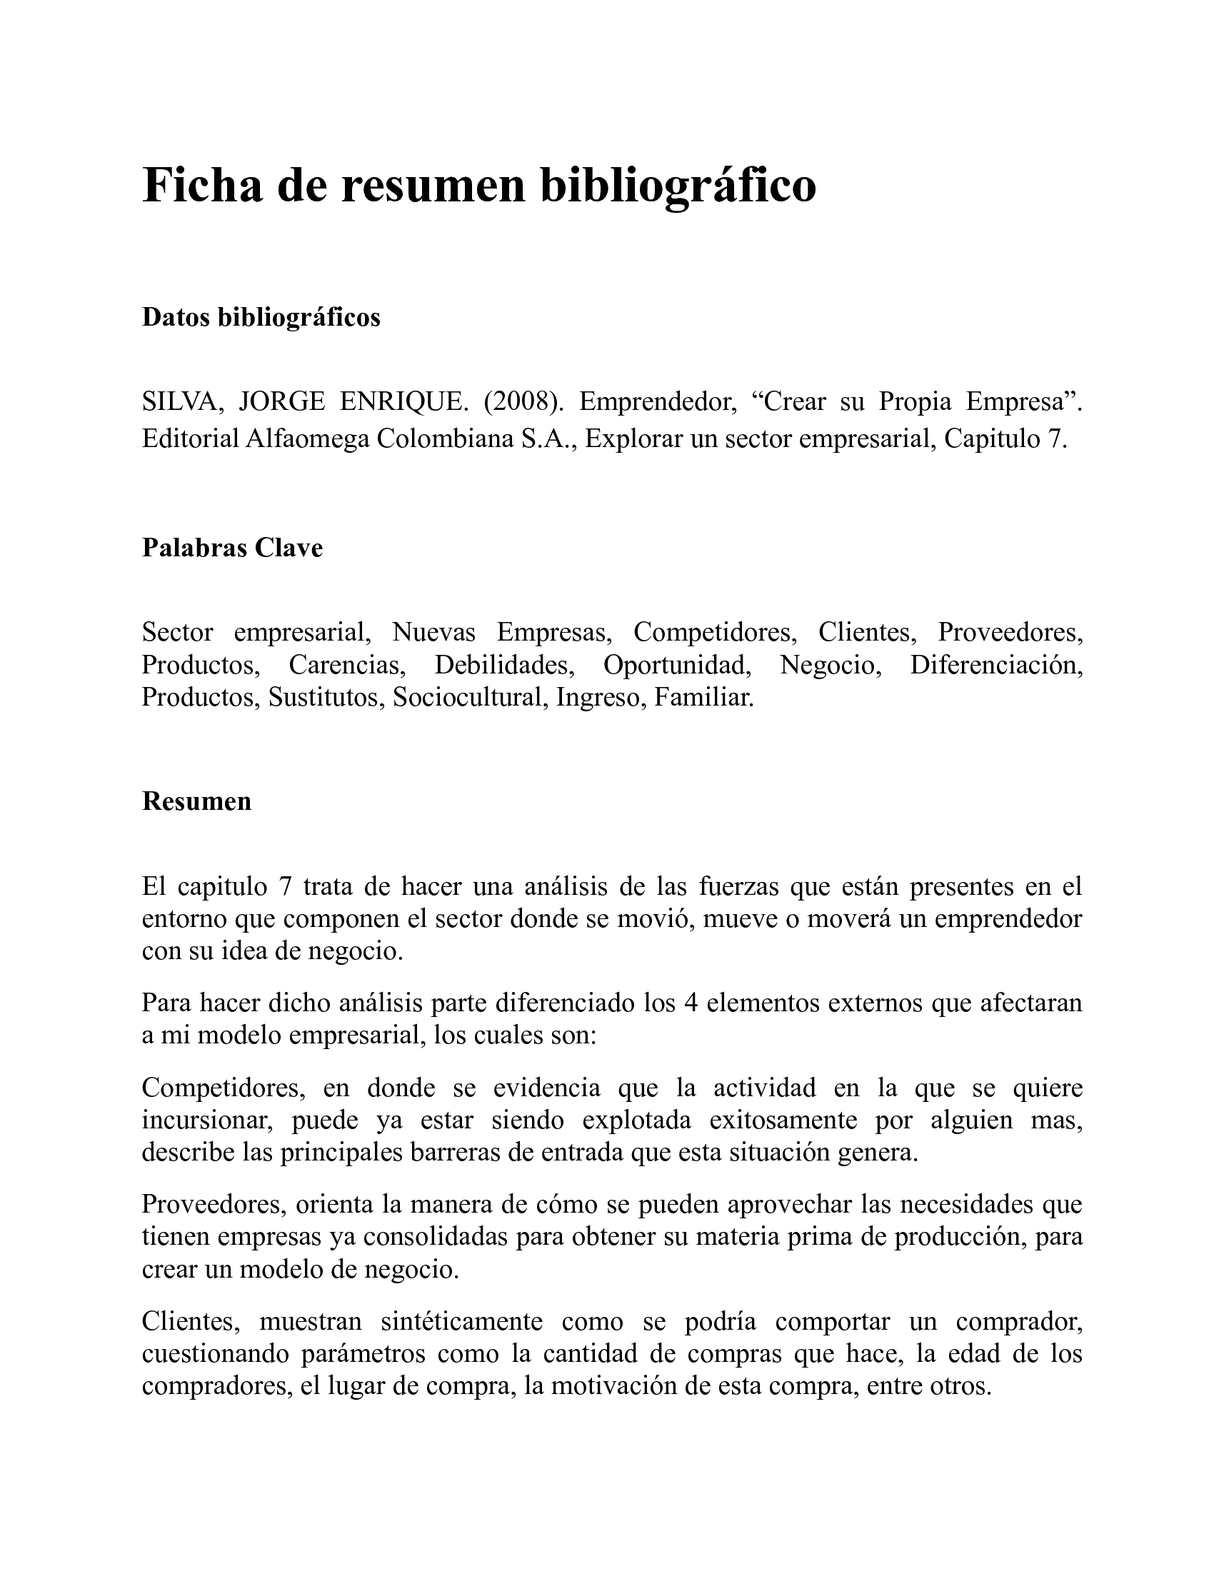 Calaméo - Ficha de resumen bibliográfico del libro Emprendedor cap 7 ...